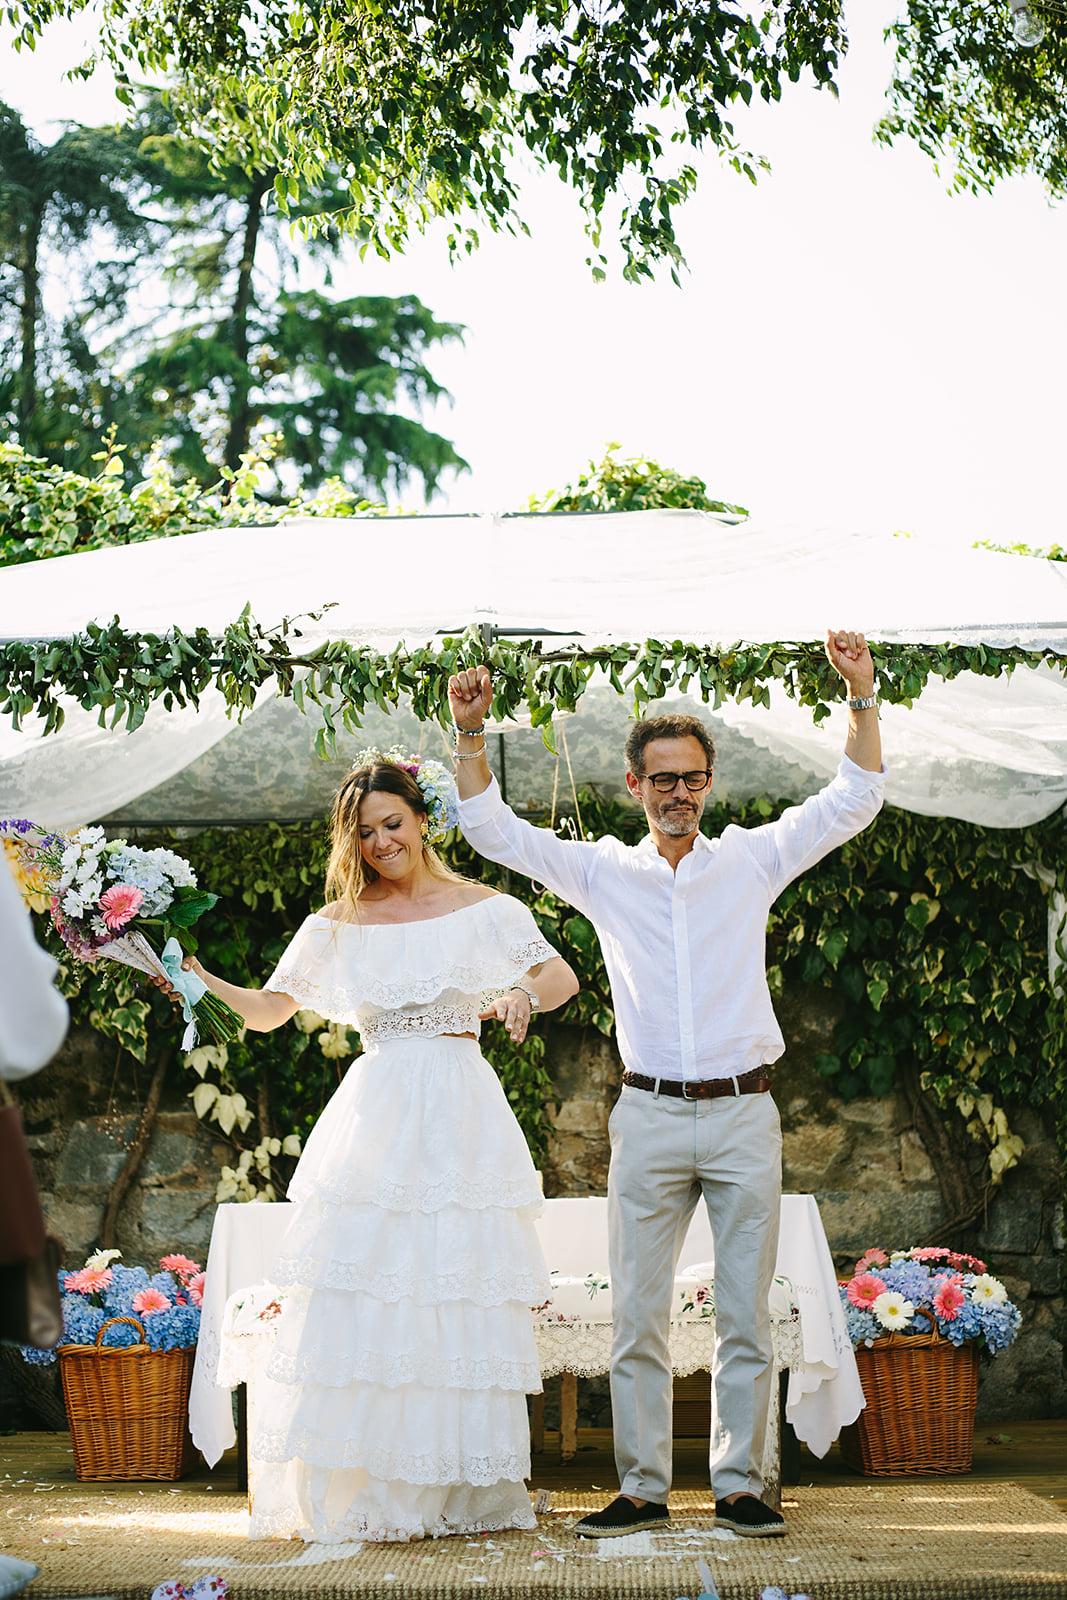 Casamento-Joana-Philippe-476.jpg